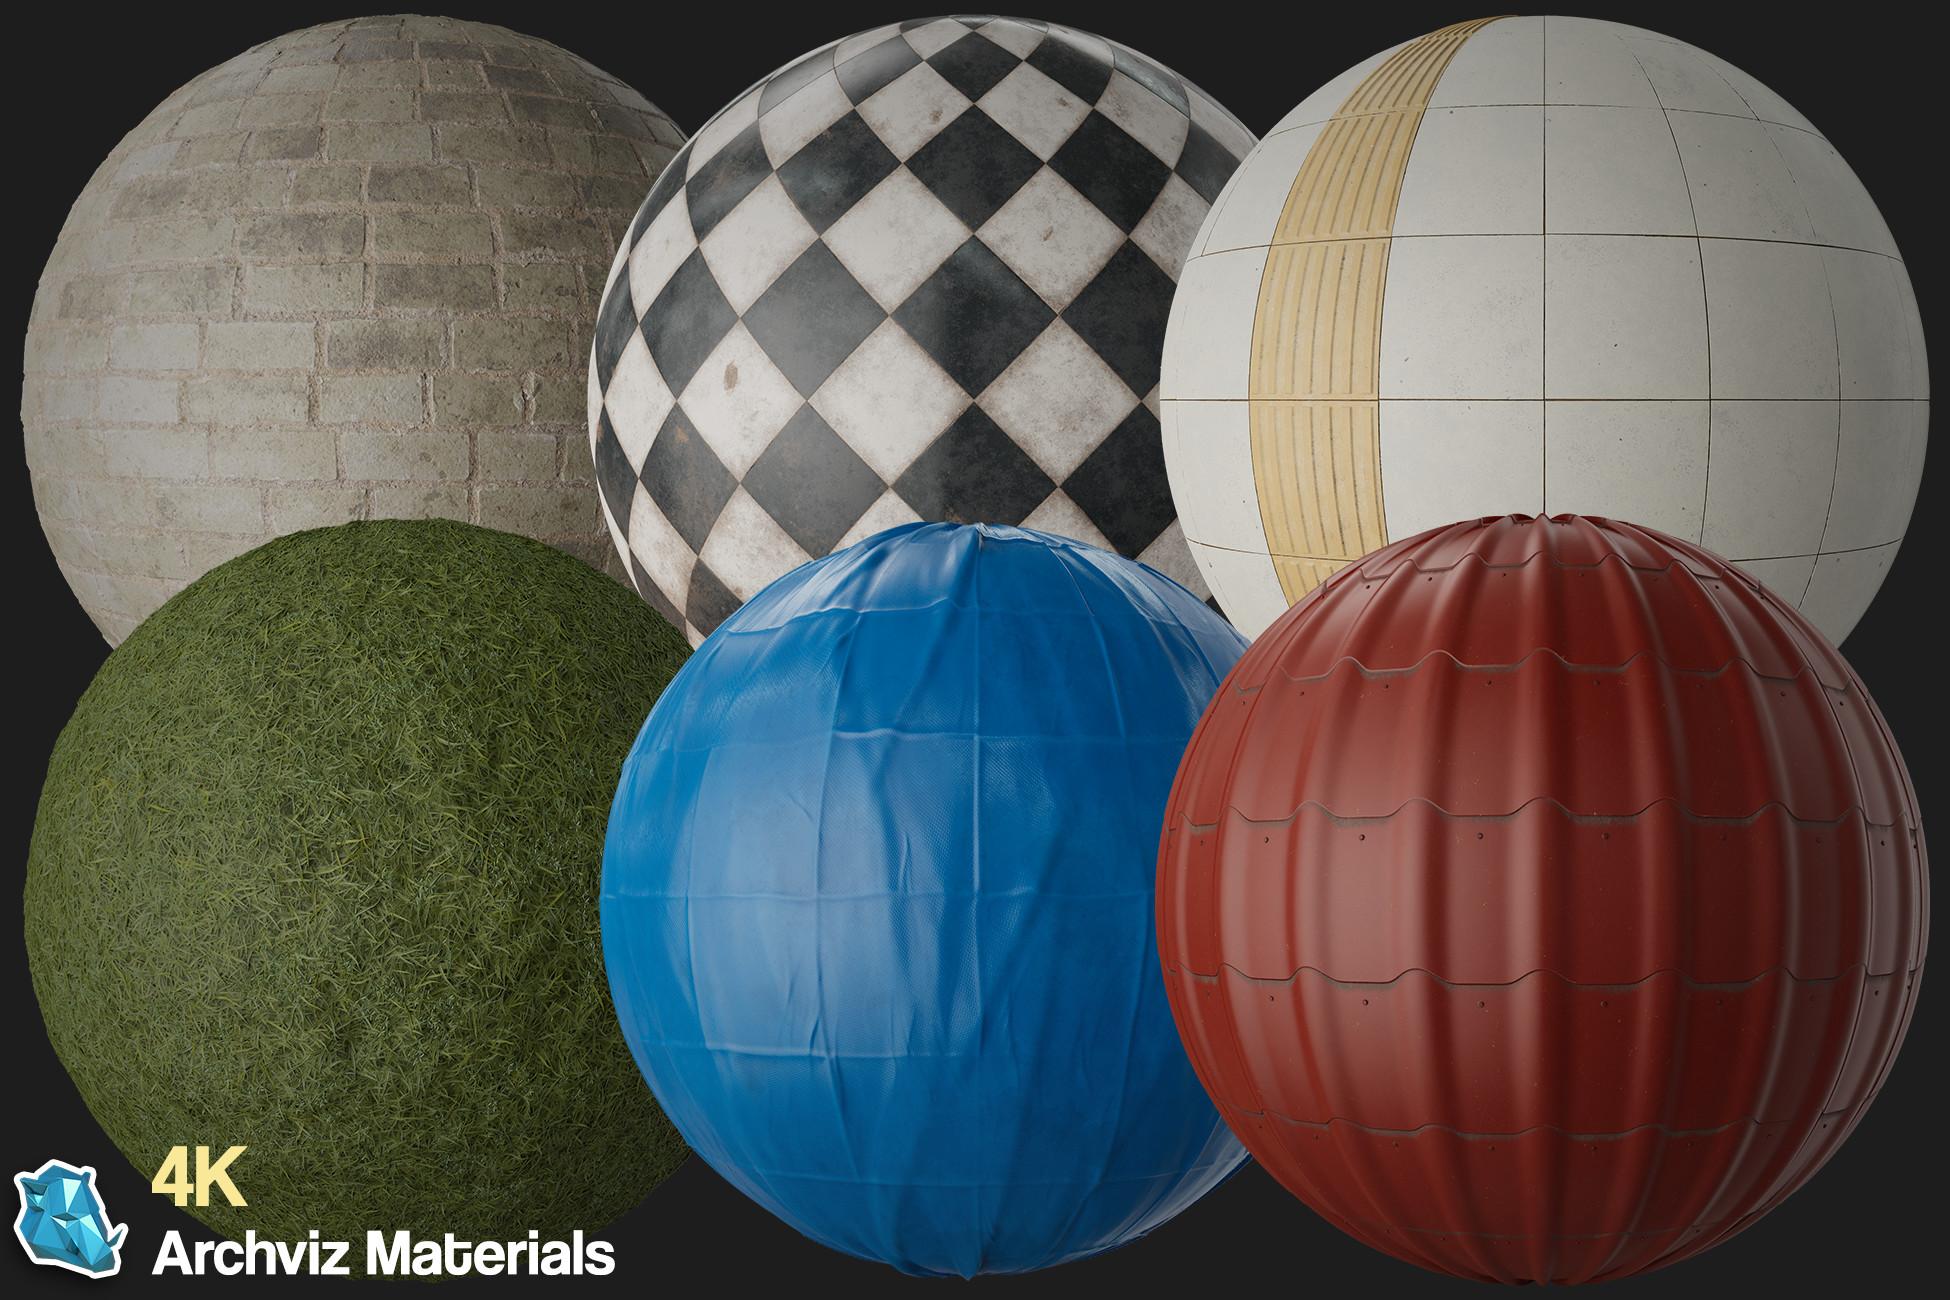 30 - 4K PBR Archviz Materials